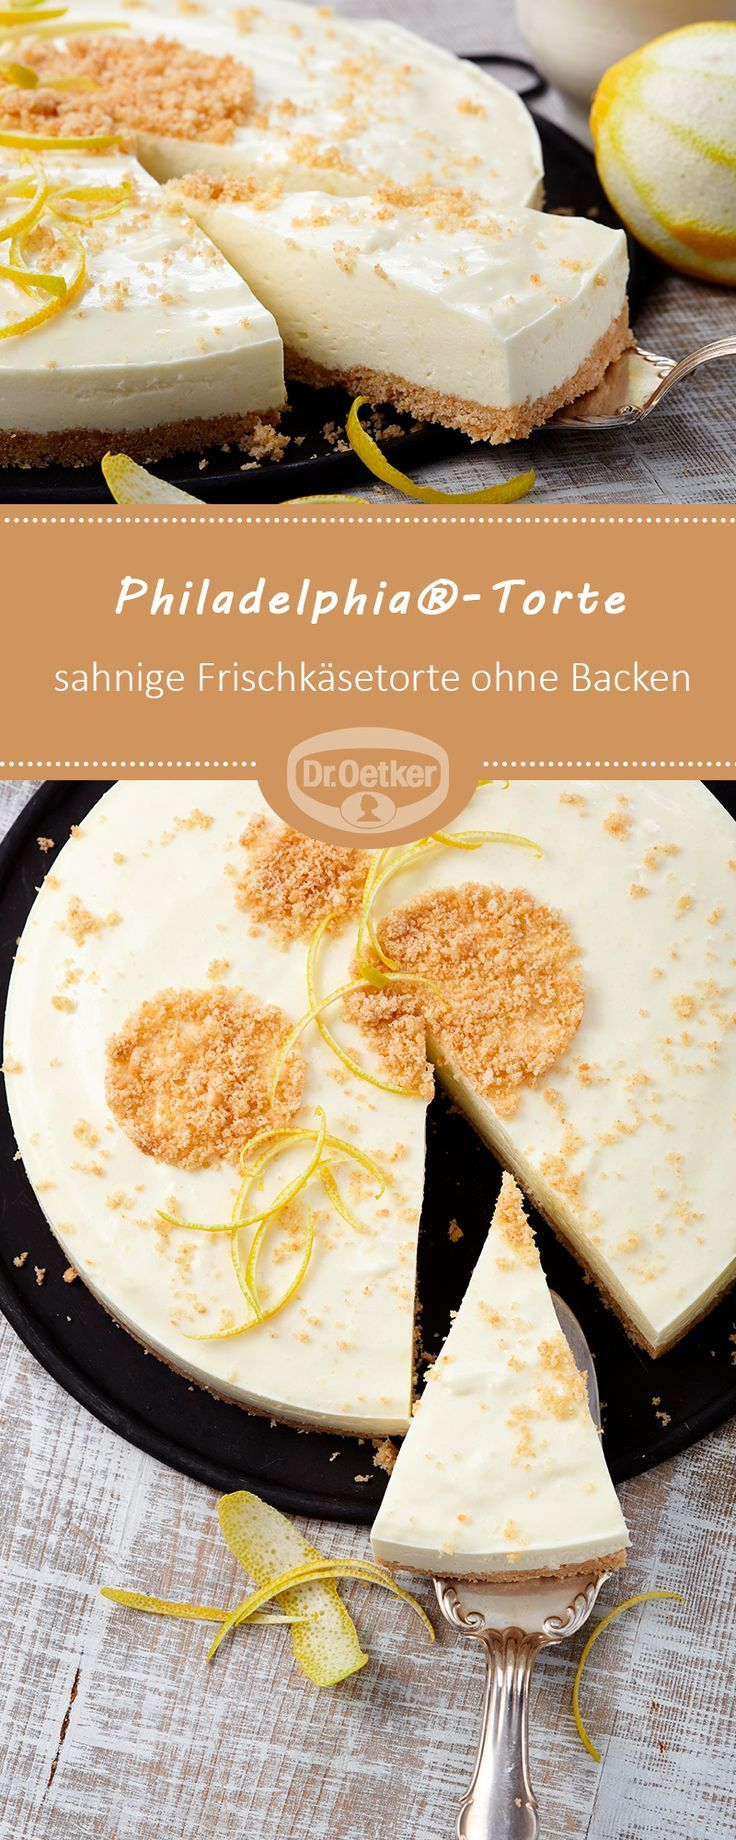 Philadelphia®-Torte: Eine sahnige Frischkäsetorte ohne Backen mit Zitronengesc